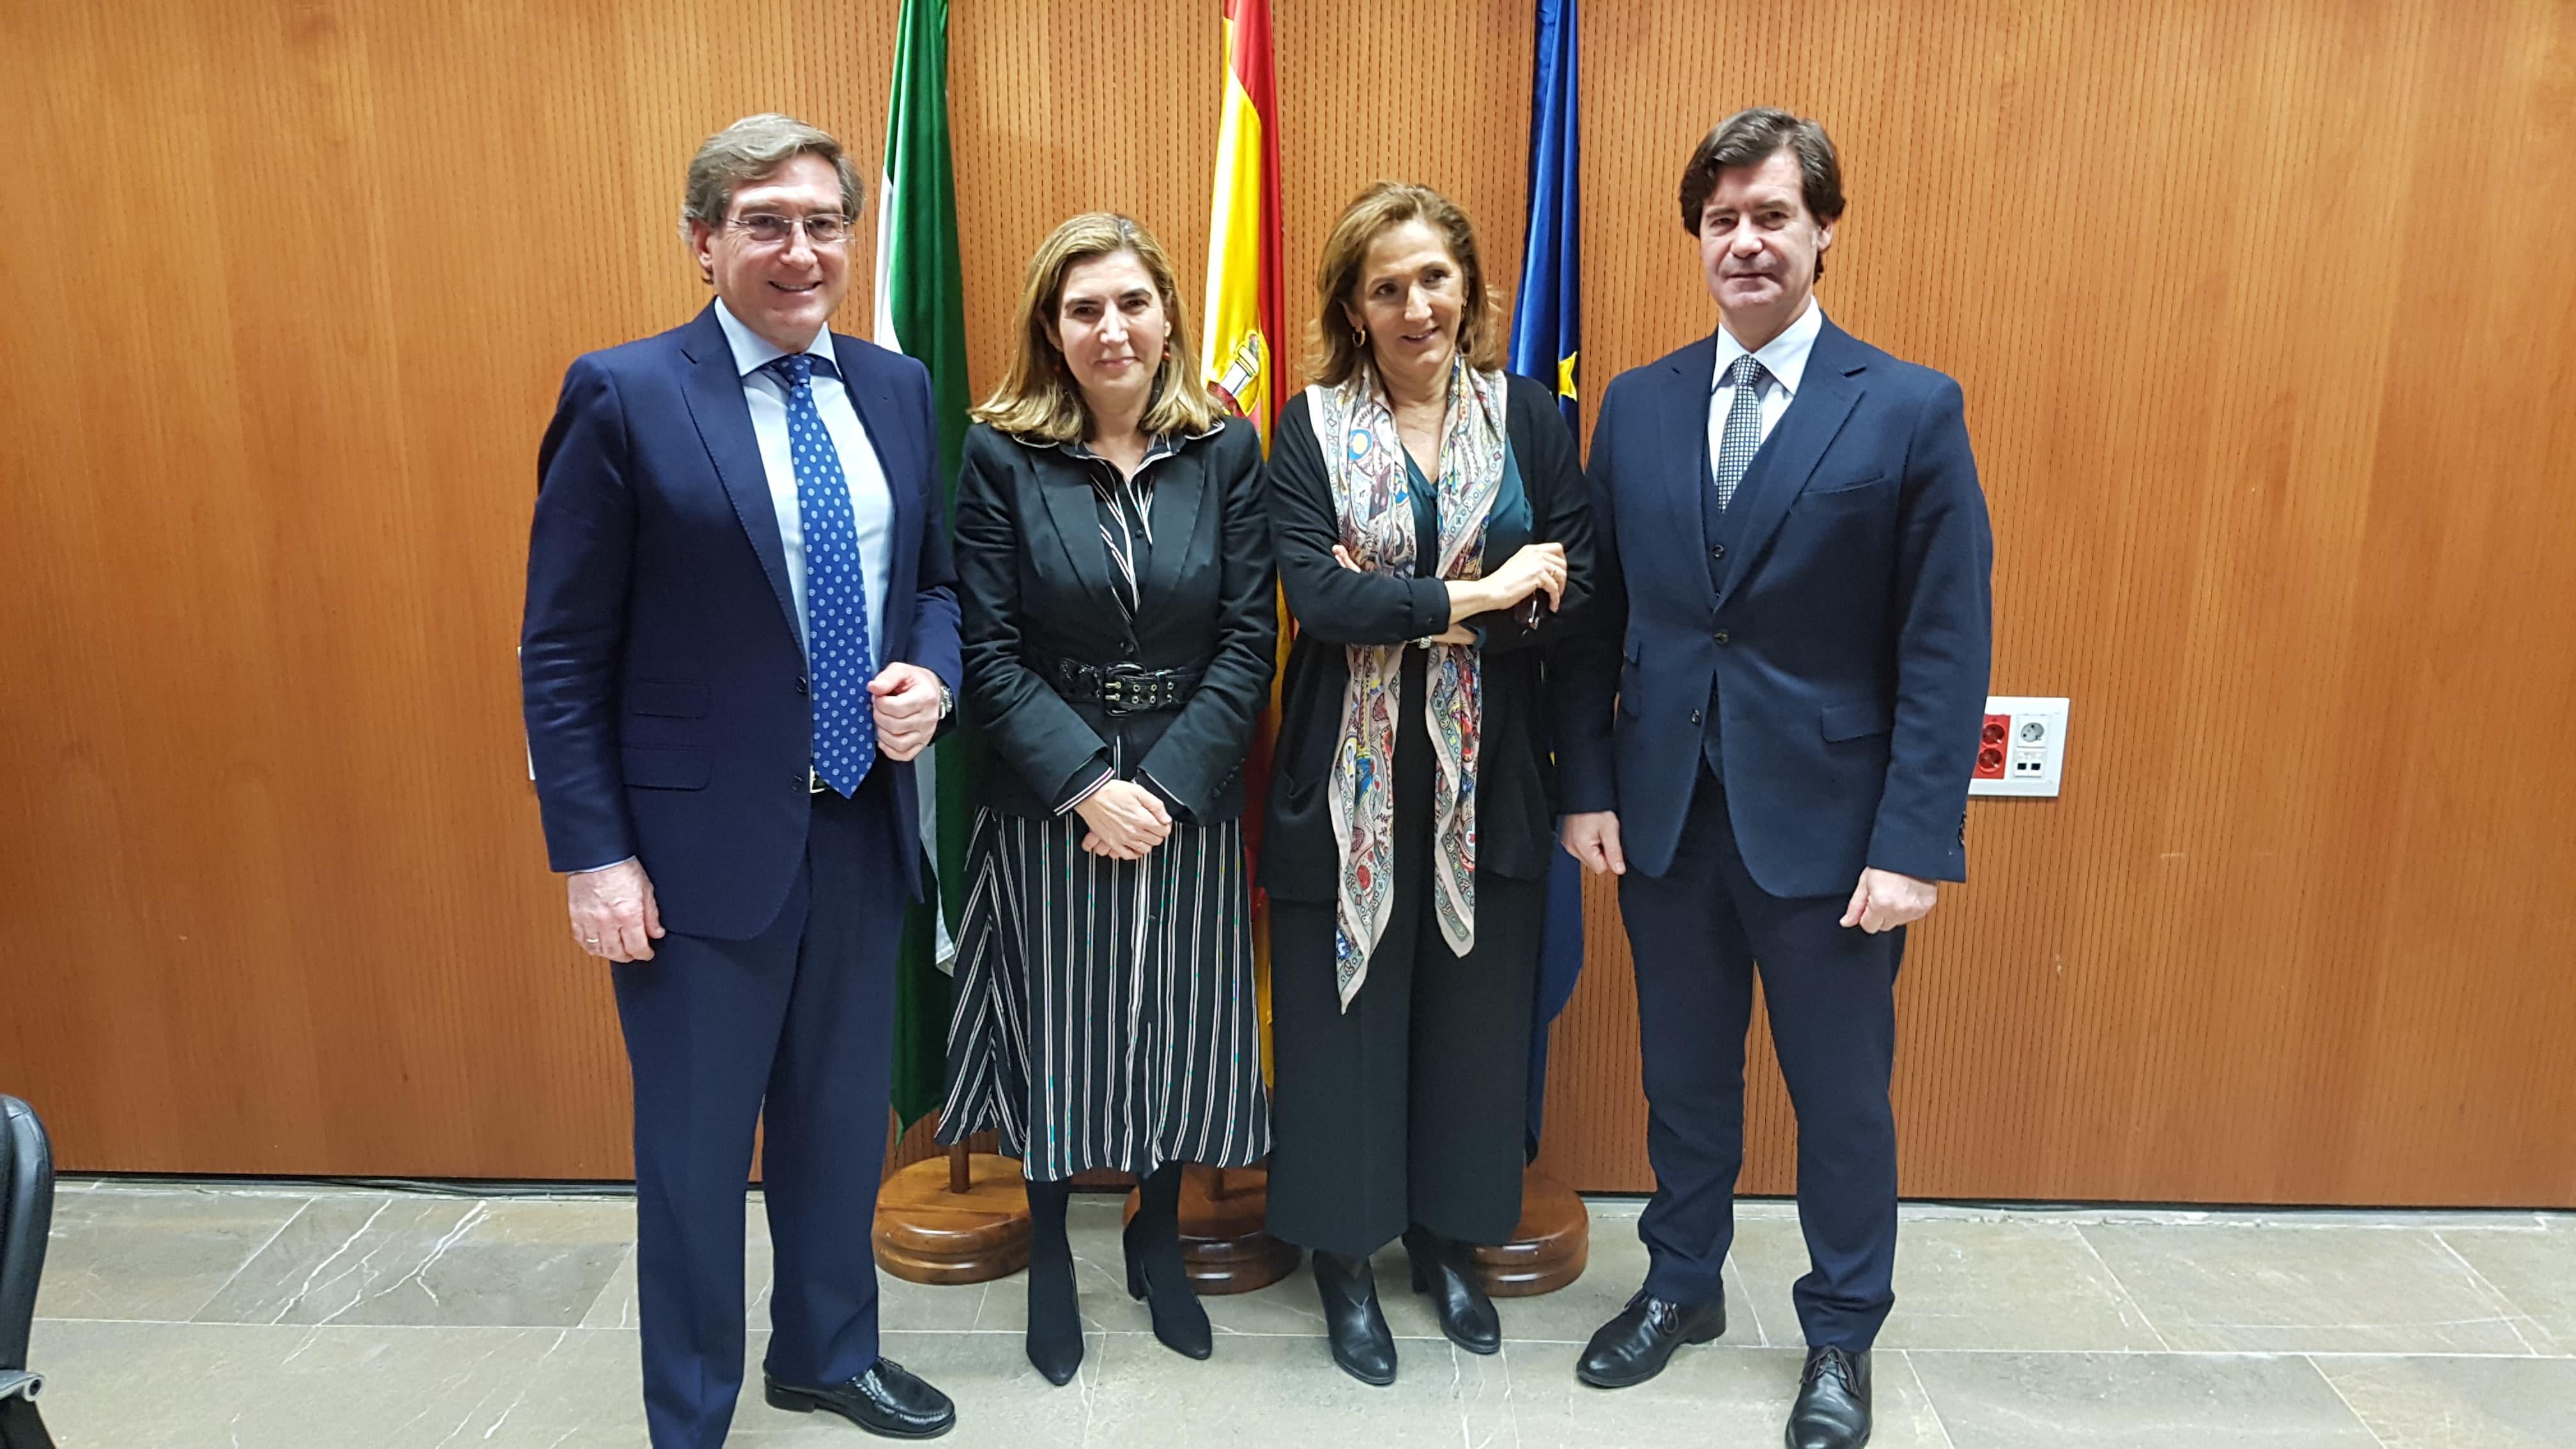 La Junta facilitará ofertas de empleo del puerto de Sevilla ante nuevas empresas